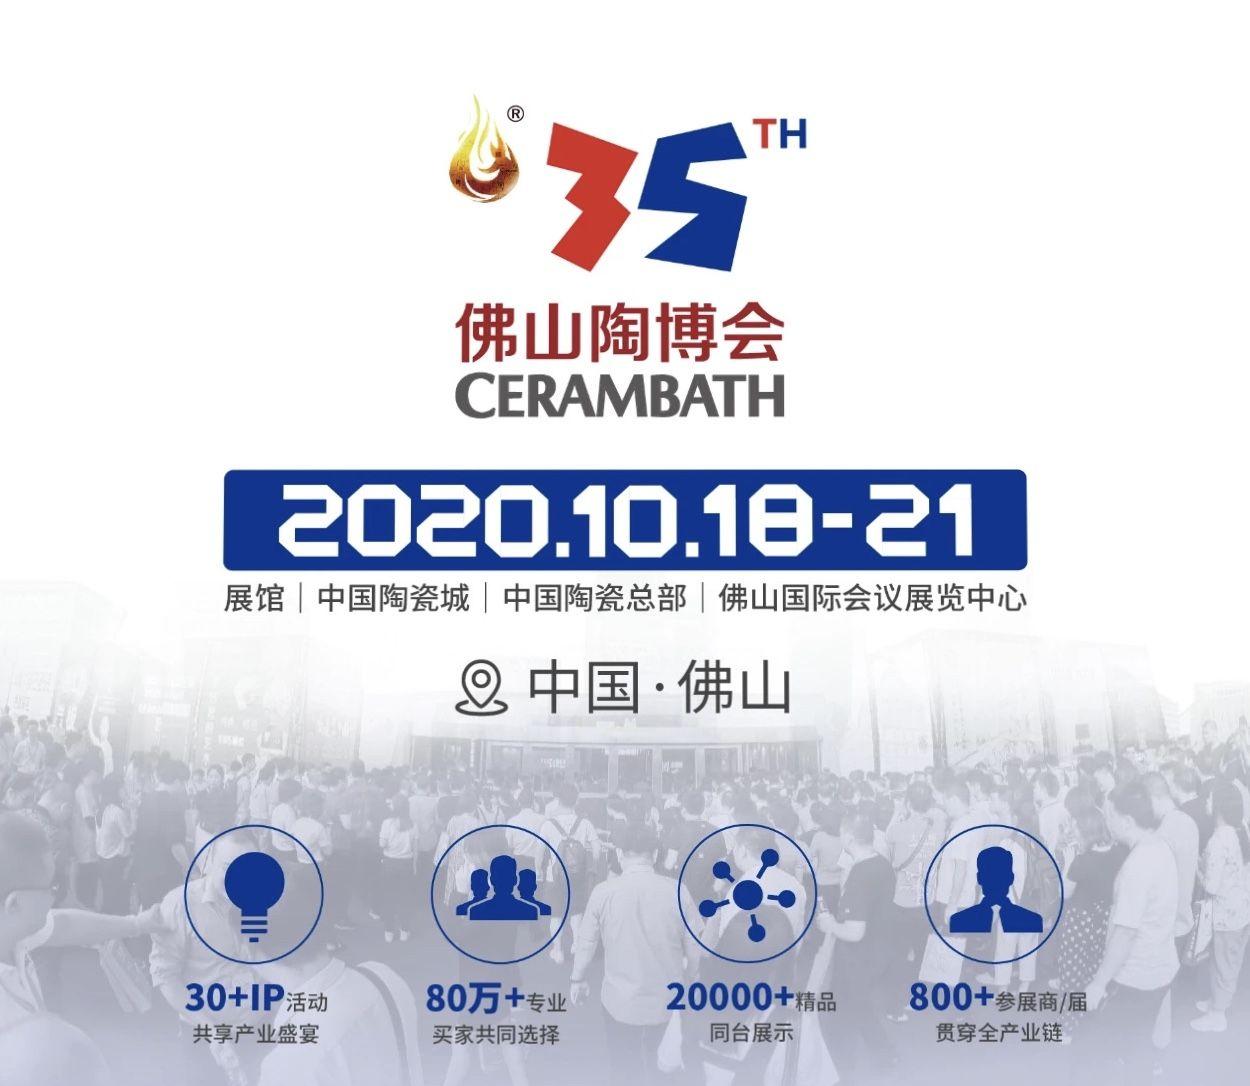 线上线下融合办展!第35届佛山陶博将于10月18~21日举行